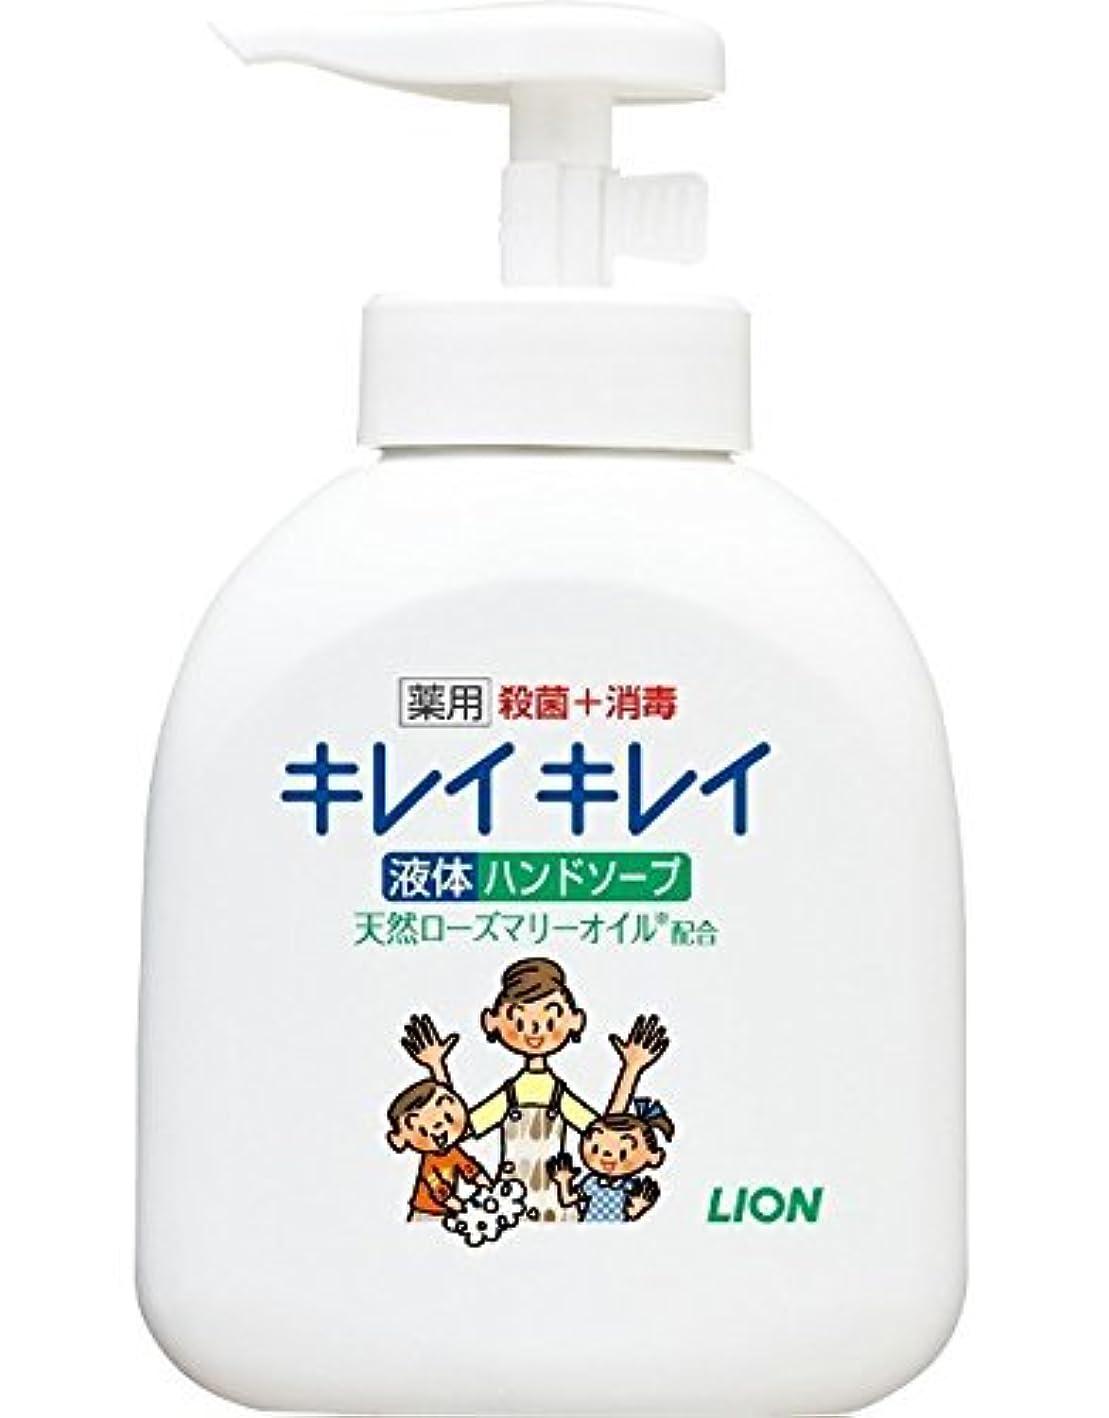 パパ汚すからかう【ライオン】キレイキレイ薬用液体ハンドソープ 本体ポンプ 250ml ×10個セット